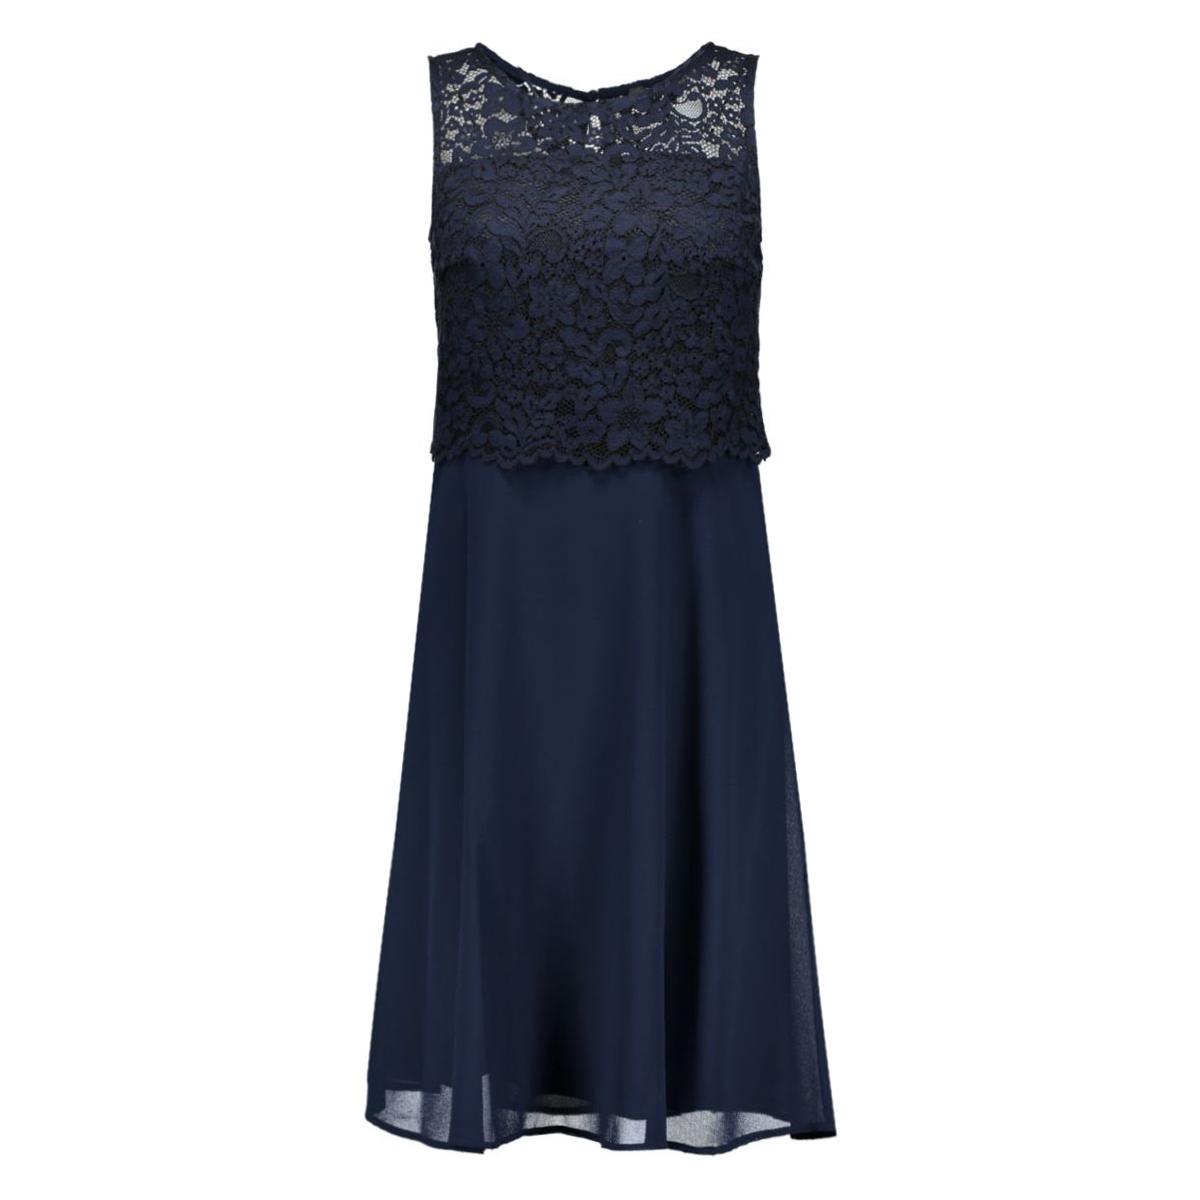 076eo1e013 esprit collection jurk e400